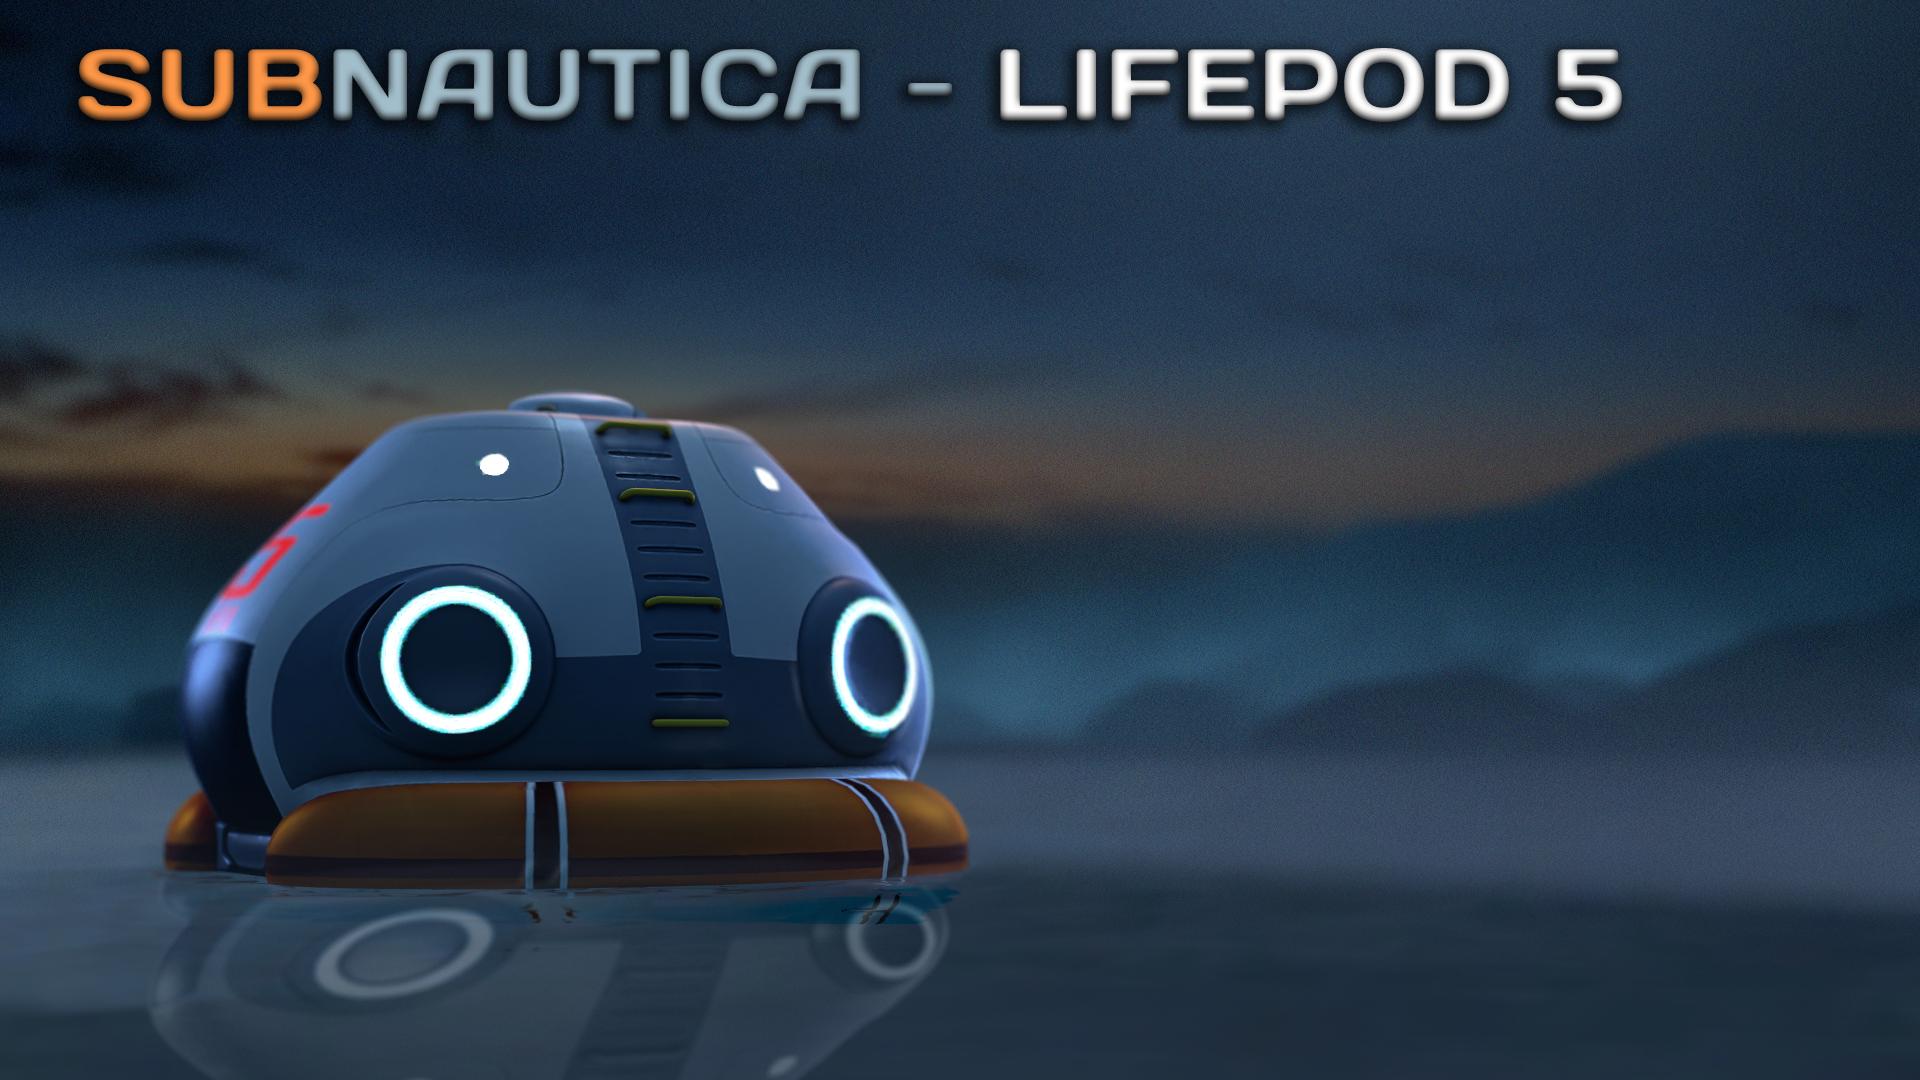 (SFM) Subnautica - Lifepod 5 by A-Tortenesz